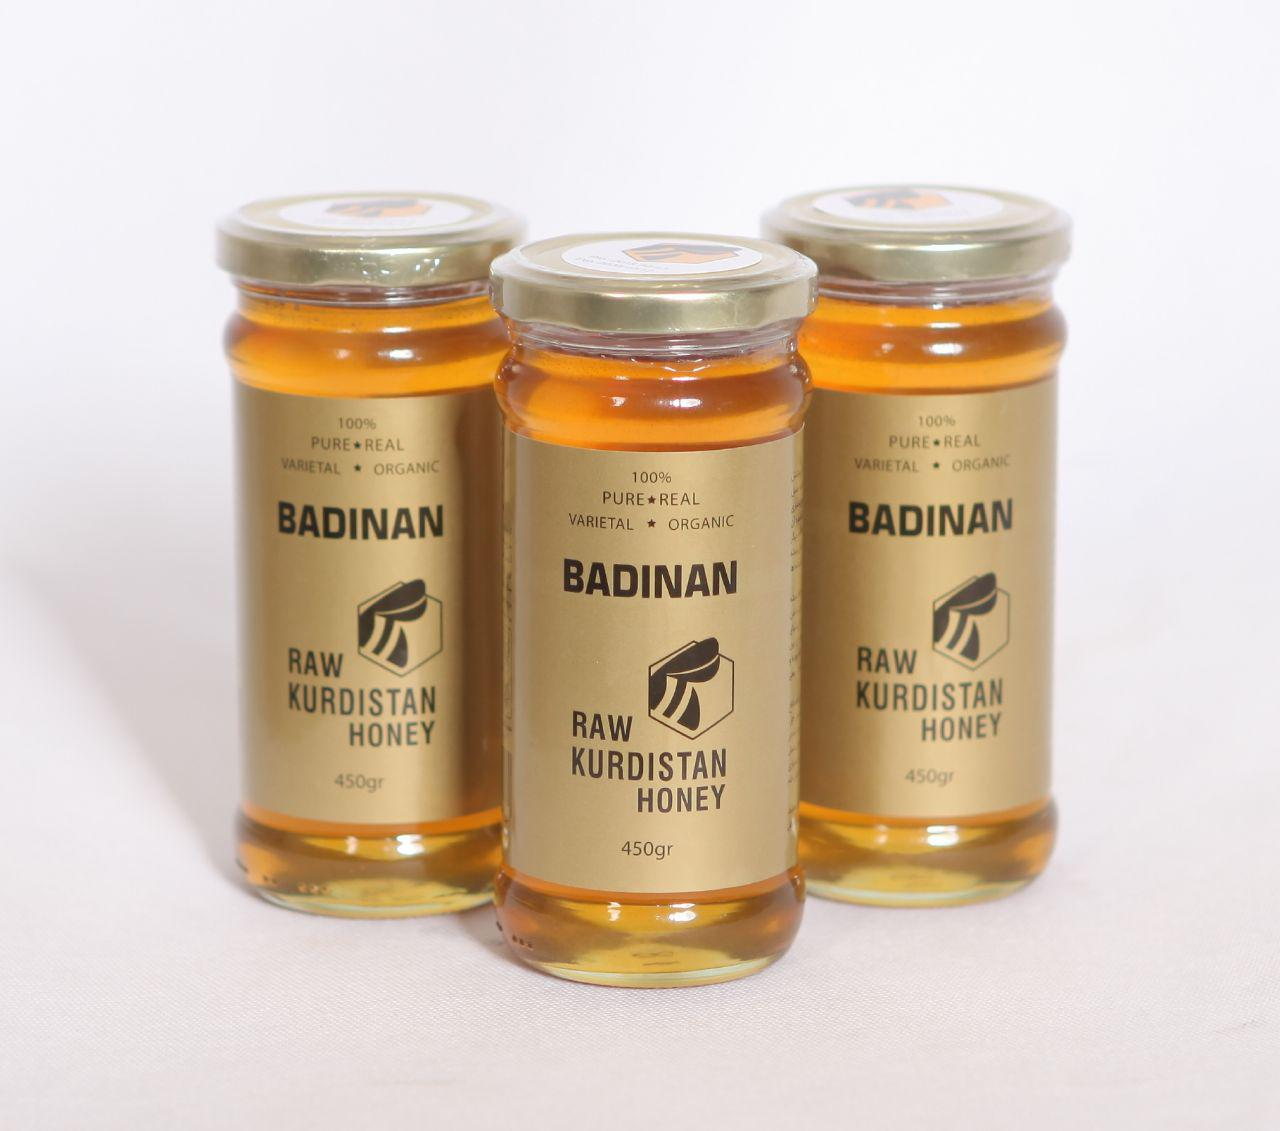 عسل طبیعی بادینان کردستان 450گرم